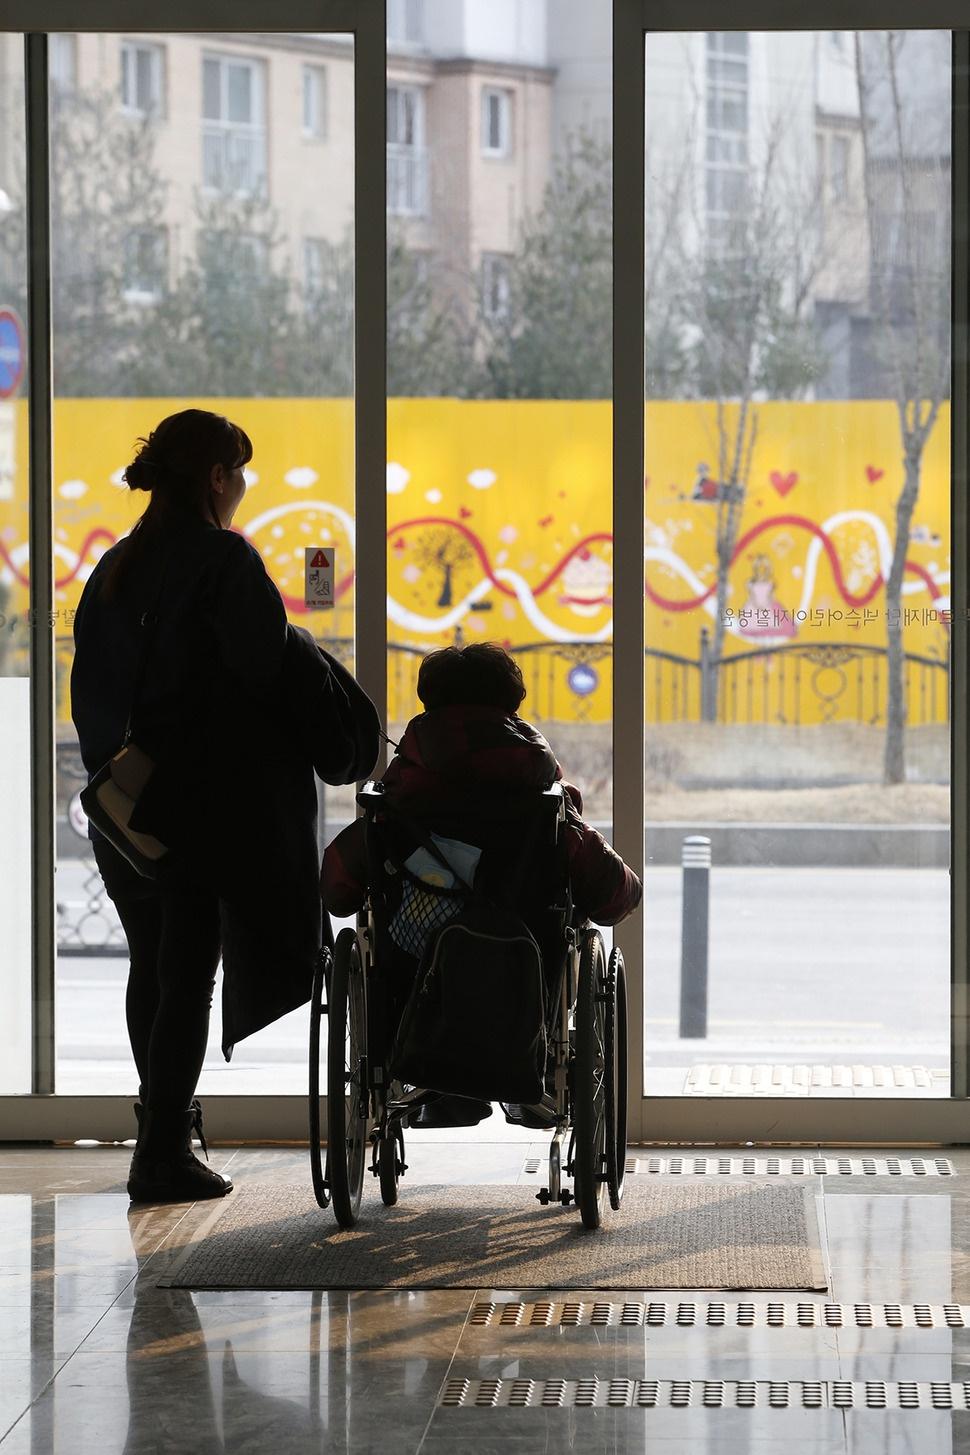 이제 청소년이 되어 이곳 어린이재활병원에 다시 올 수 없는 장태환(13)군이 지난달 28일 마지막 퇴원을 하고 있다.